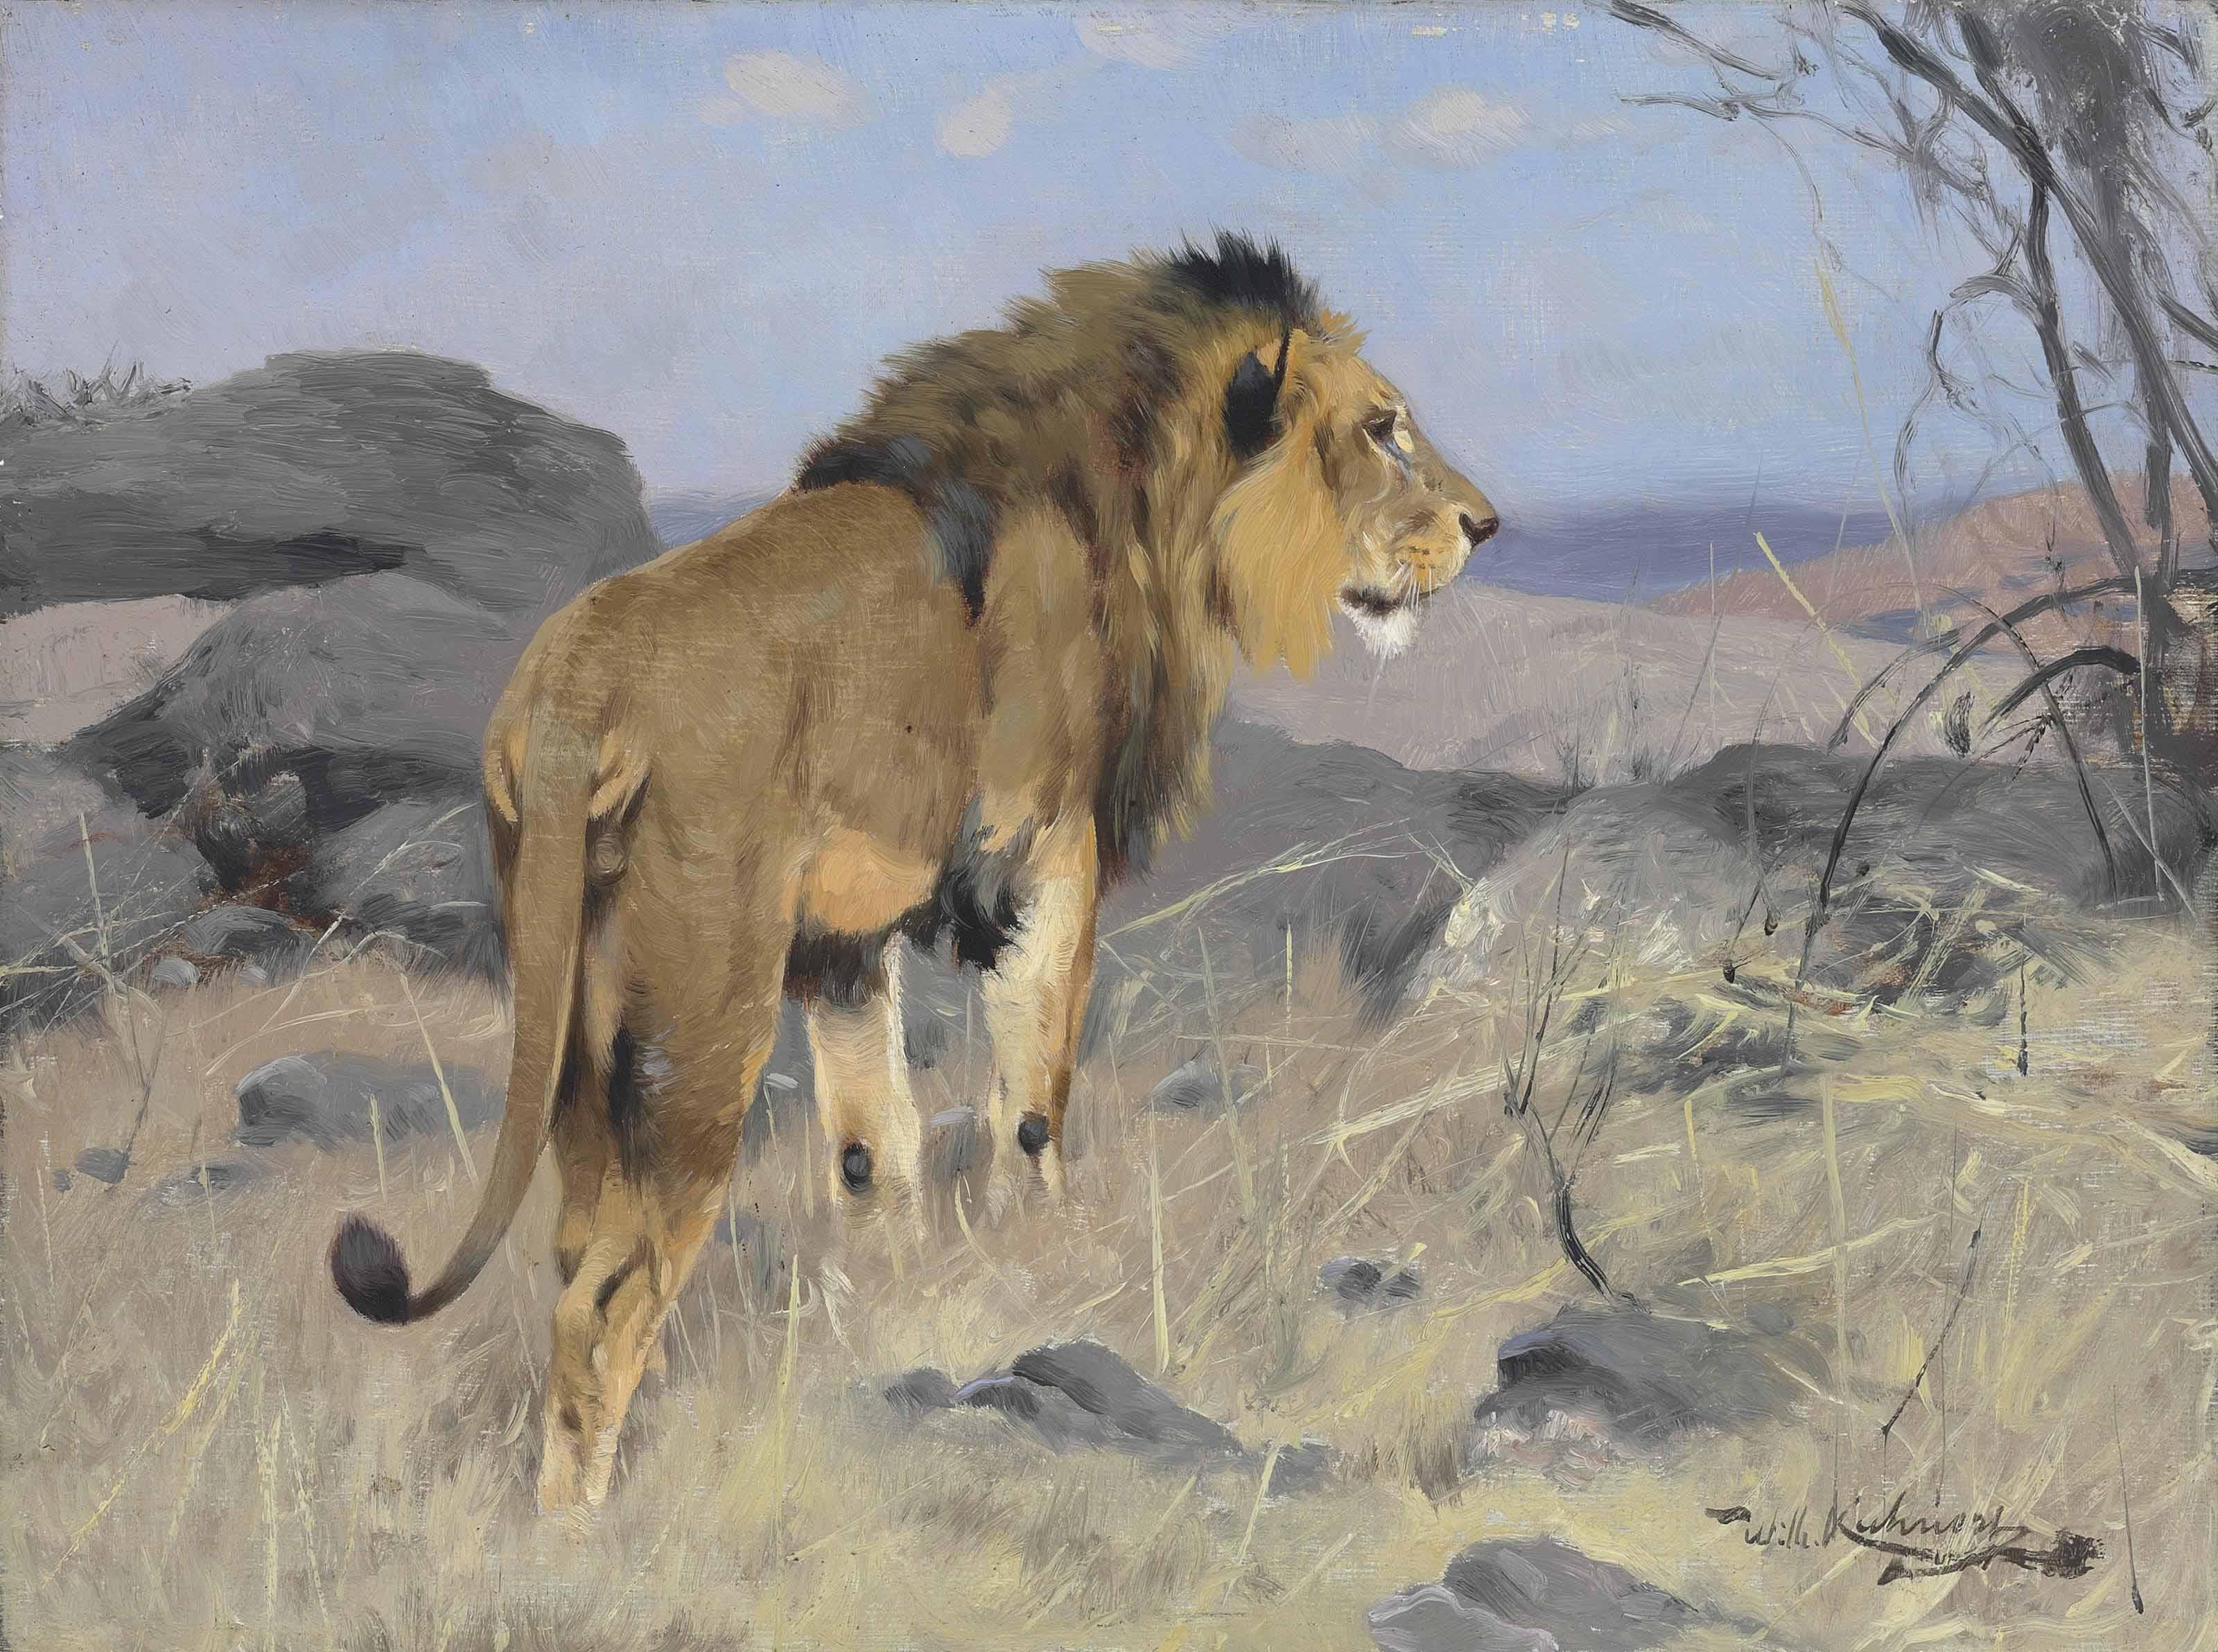 Wilhelm Kuhnert (German, 1865-